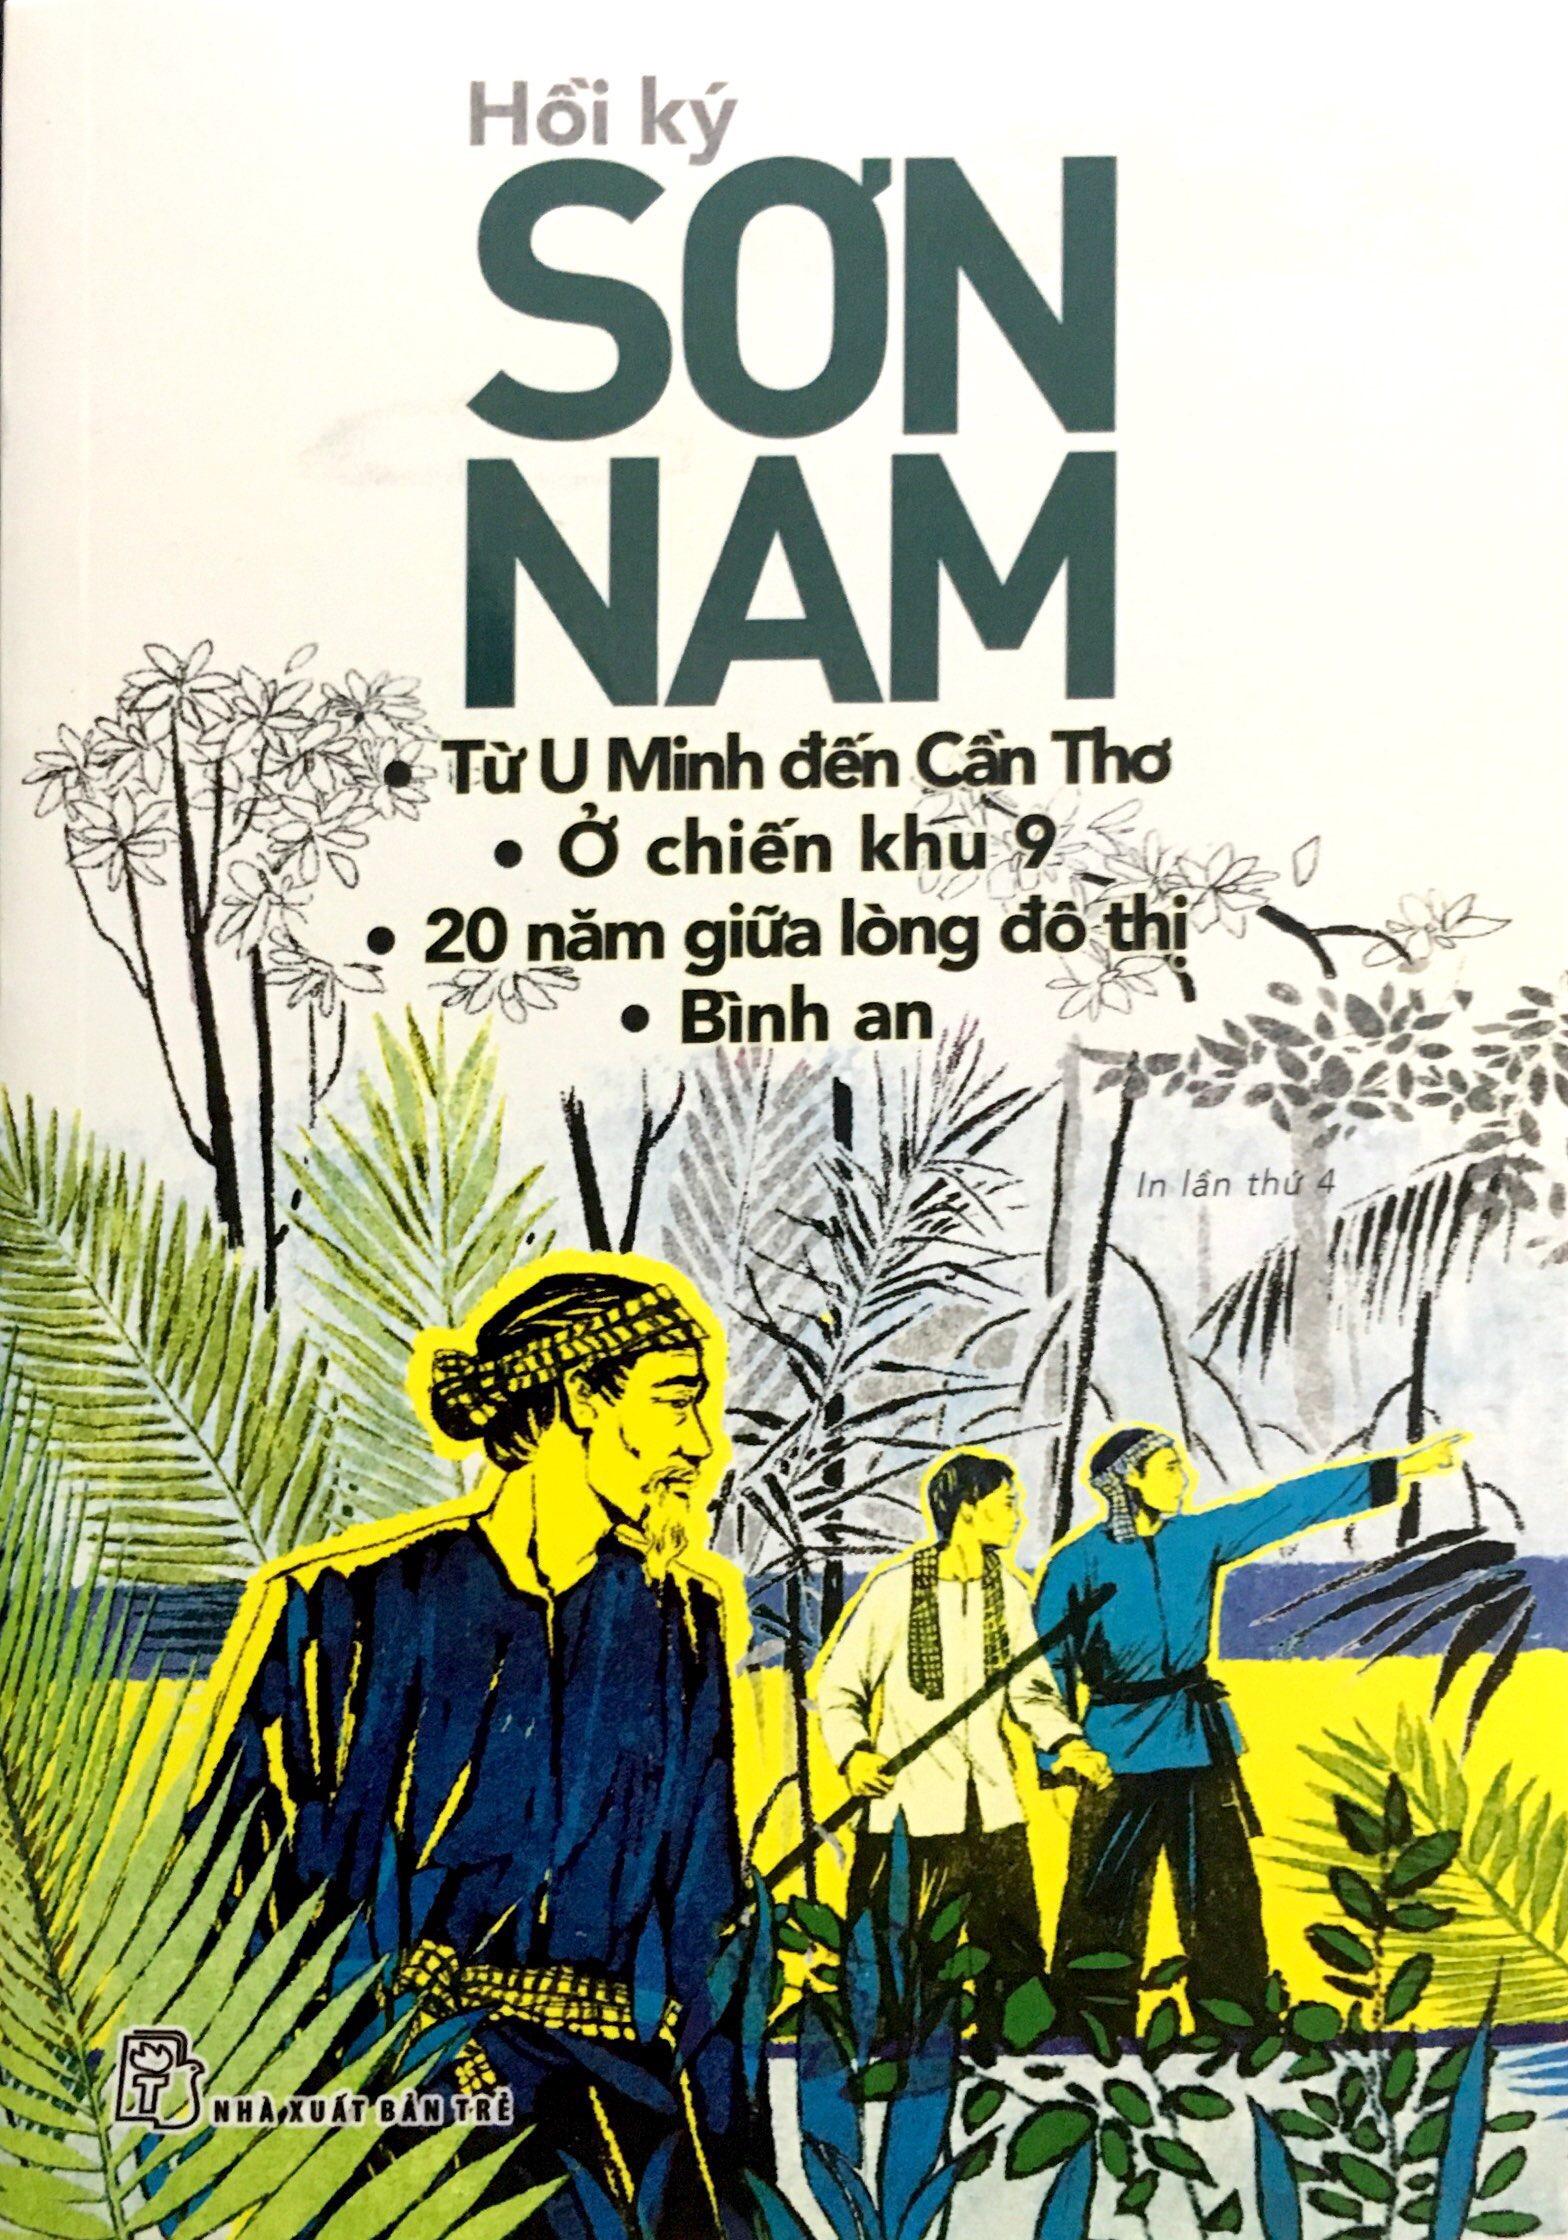 Biểu đồ lịch sử biến động giá bán Sơn Nam - Từ U Minh Đến Cần Thơ - ở Chiền Khu 9 - 20 Năm Giữa Lòng Đô Thị-bình An (Tb 2018)